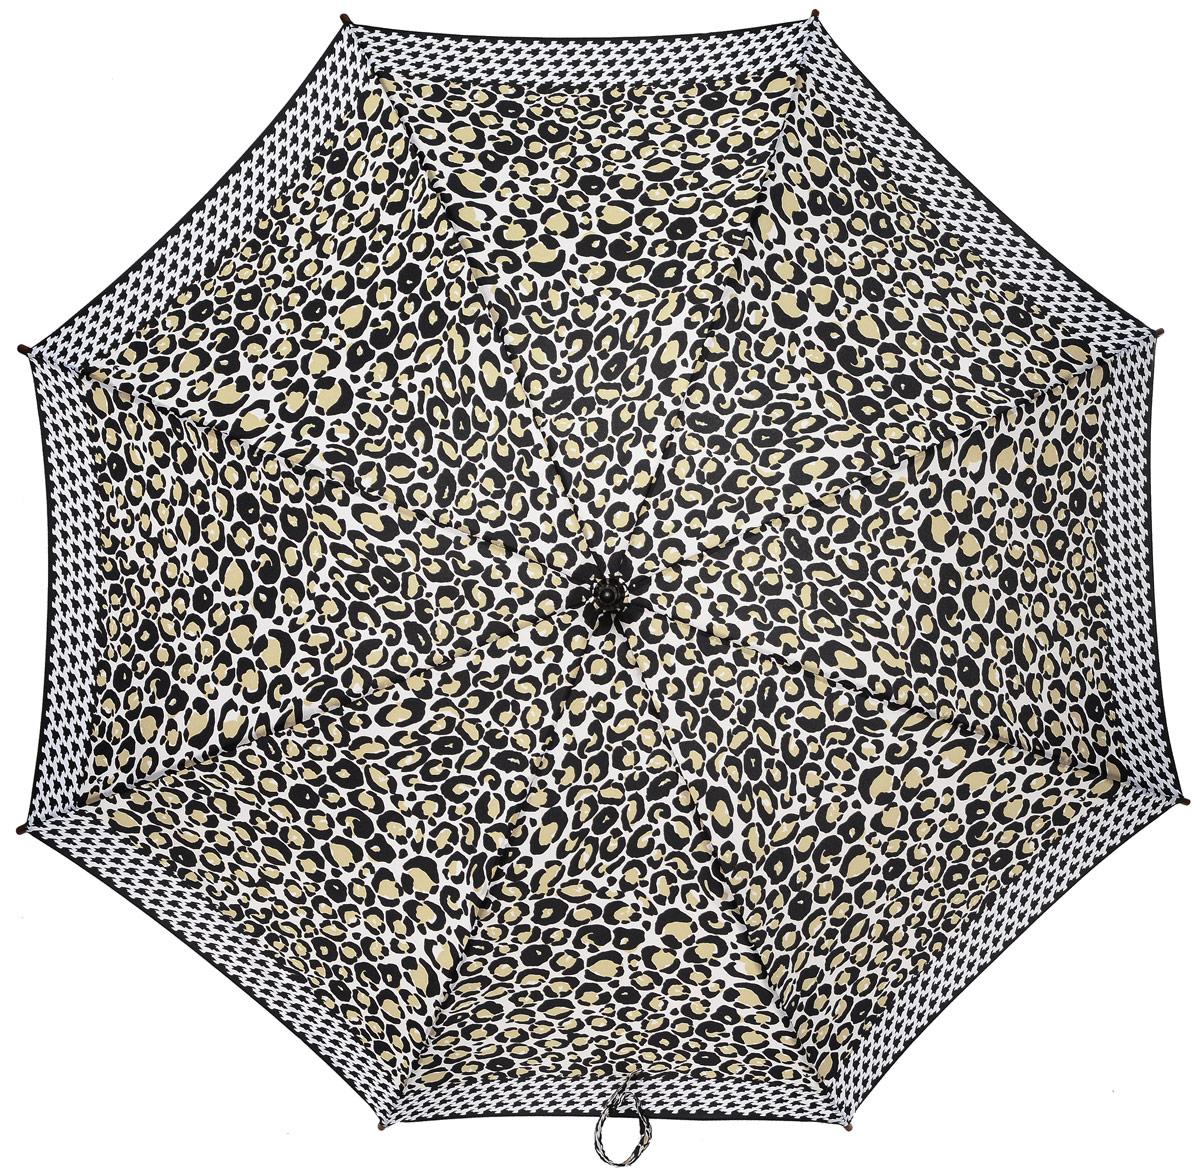 Зонт женский трость Fulton, расцветка: леопард. L056-3039 LeopardBorderL056-3039 LeopardBorderС этой прочной и при этом облегченной тростью у Вас будет поистине роскошный вид. Увеличенный купол 100 см в диаметре. Удобная технология открывания и закрывания. Надежная конструкция из фибергласса устойчива даже при сильном ветре. Красивый, элегантный узор. Длина в сложенном виде 88 см.